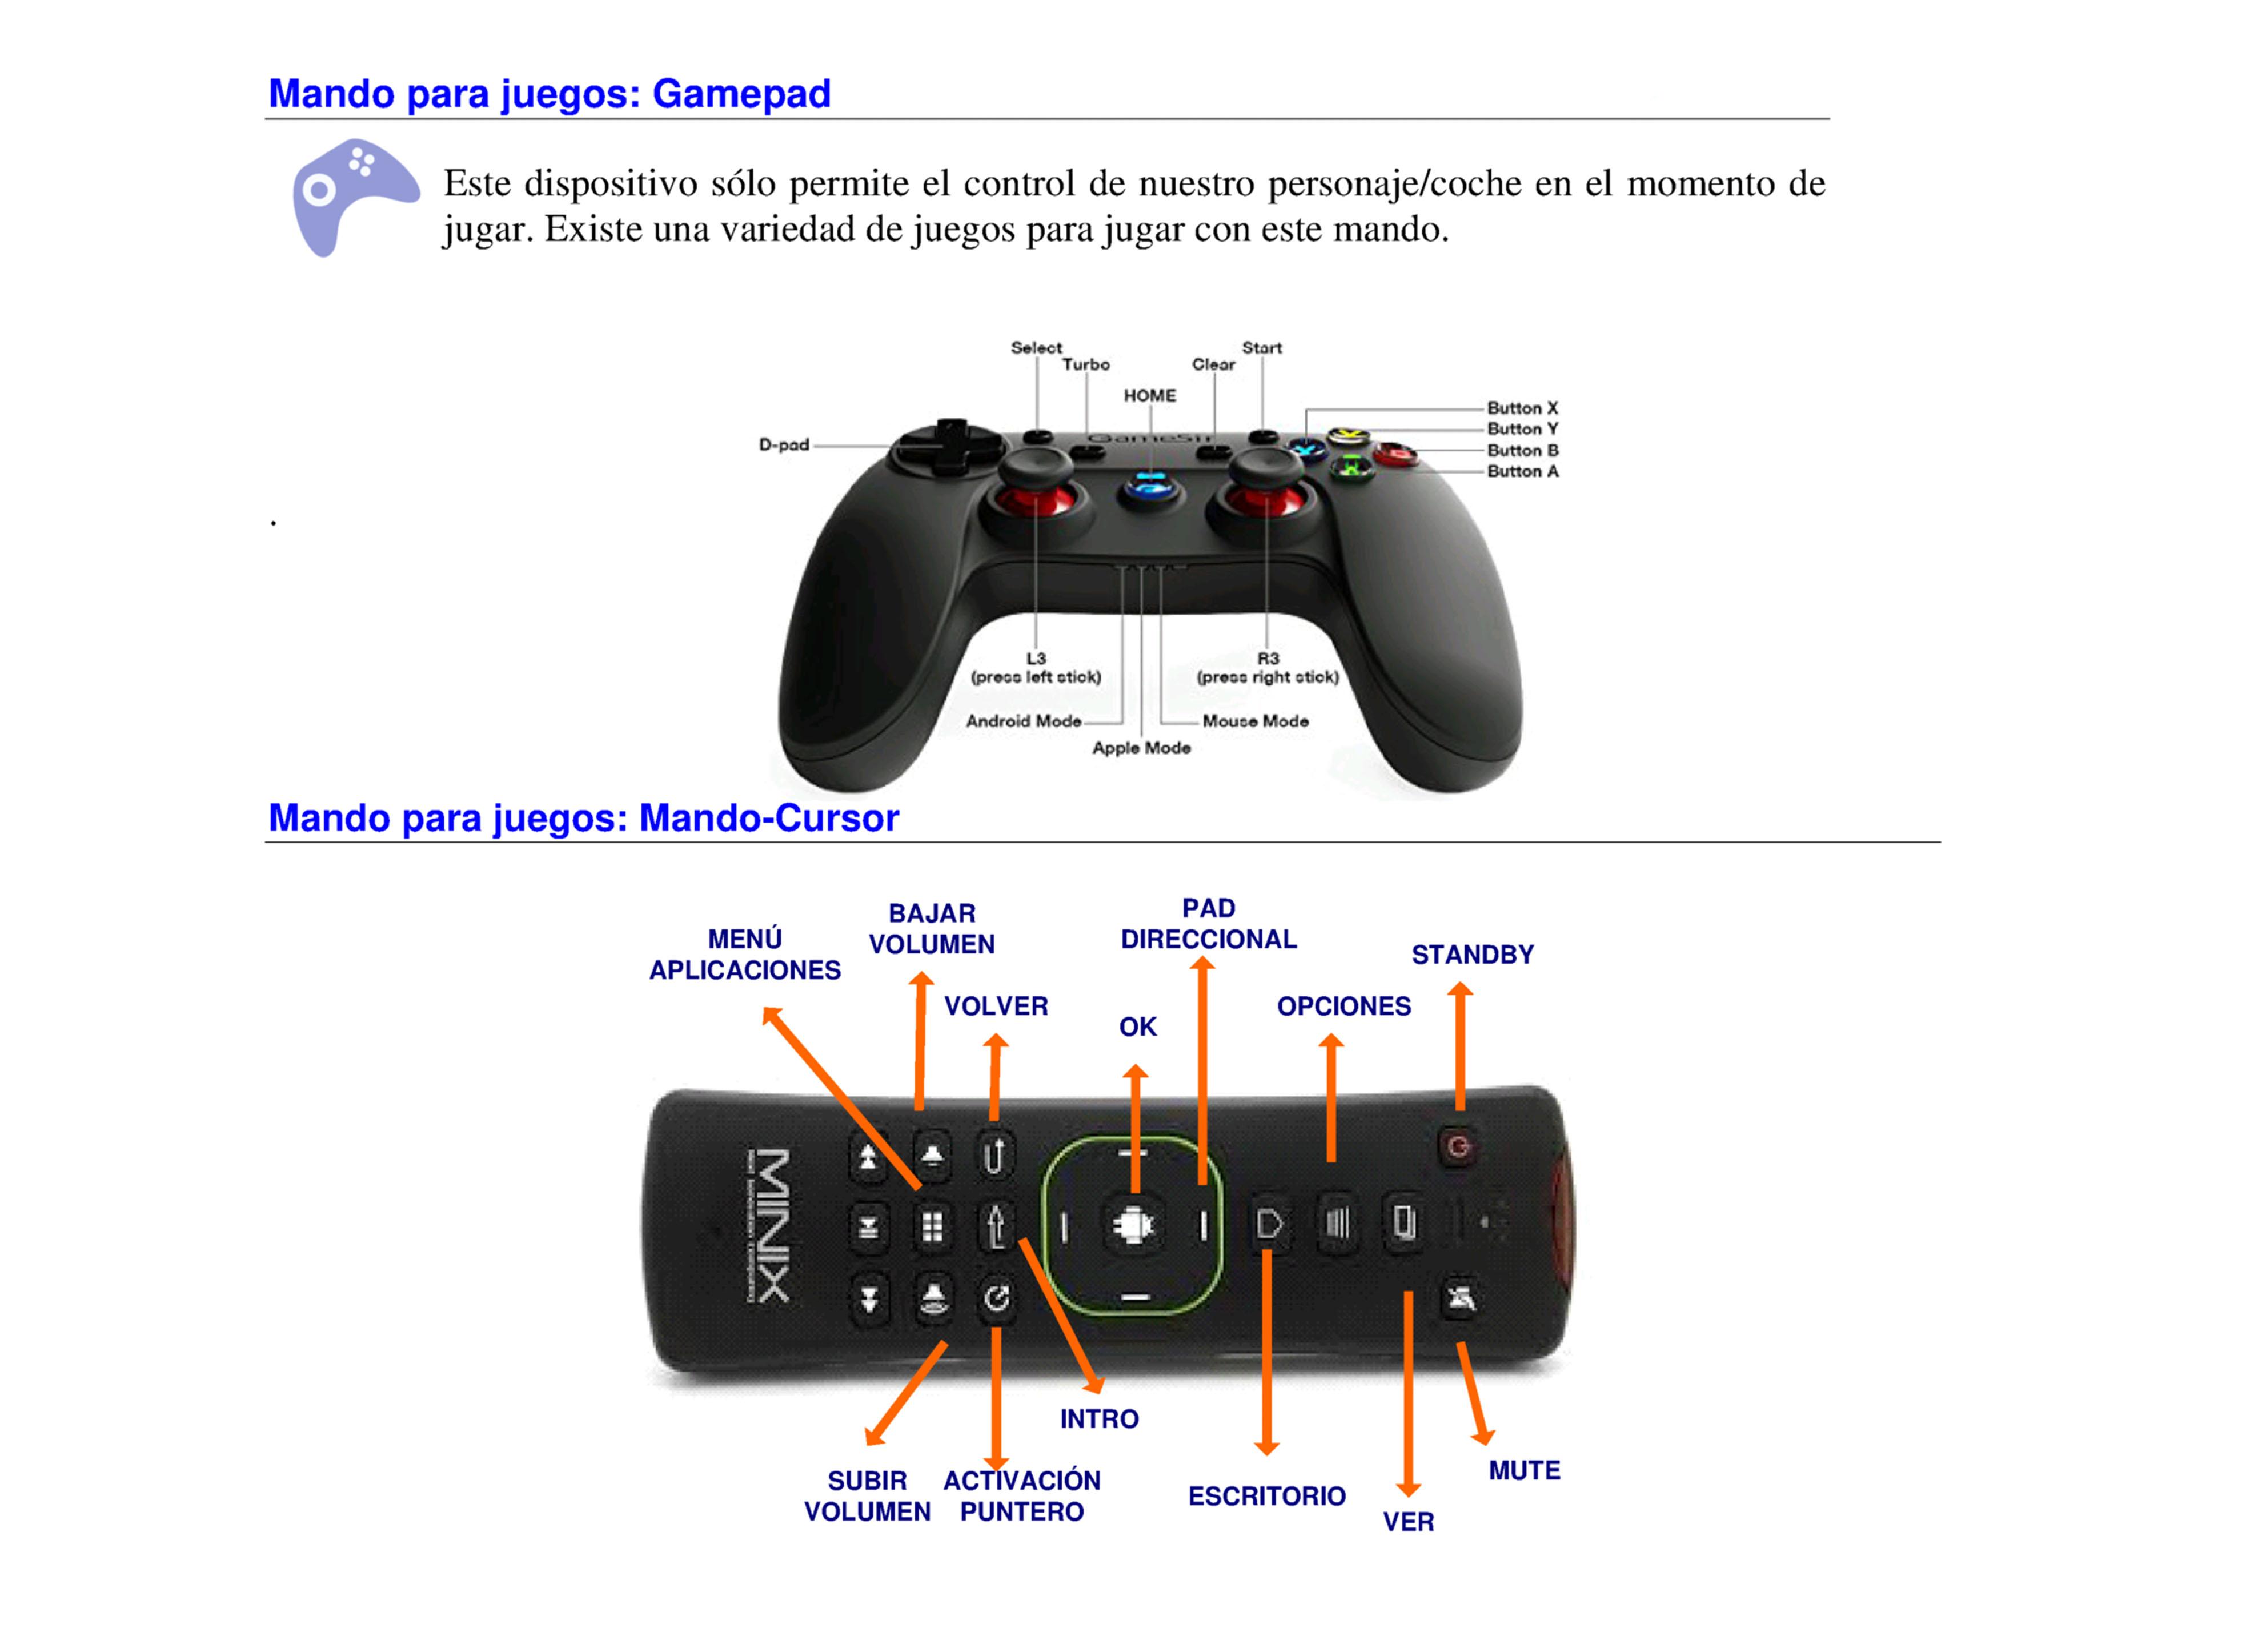 Gamepad y Mando-Cursor